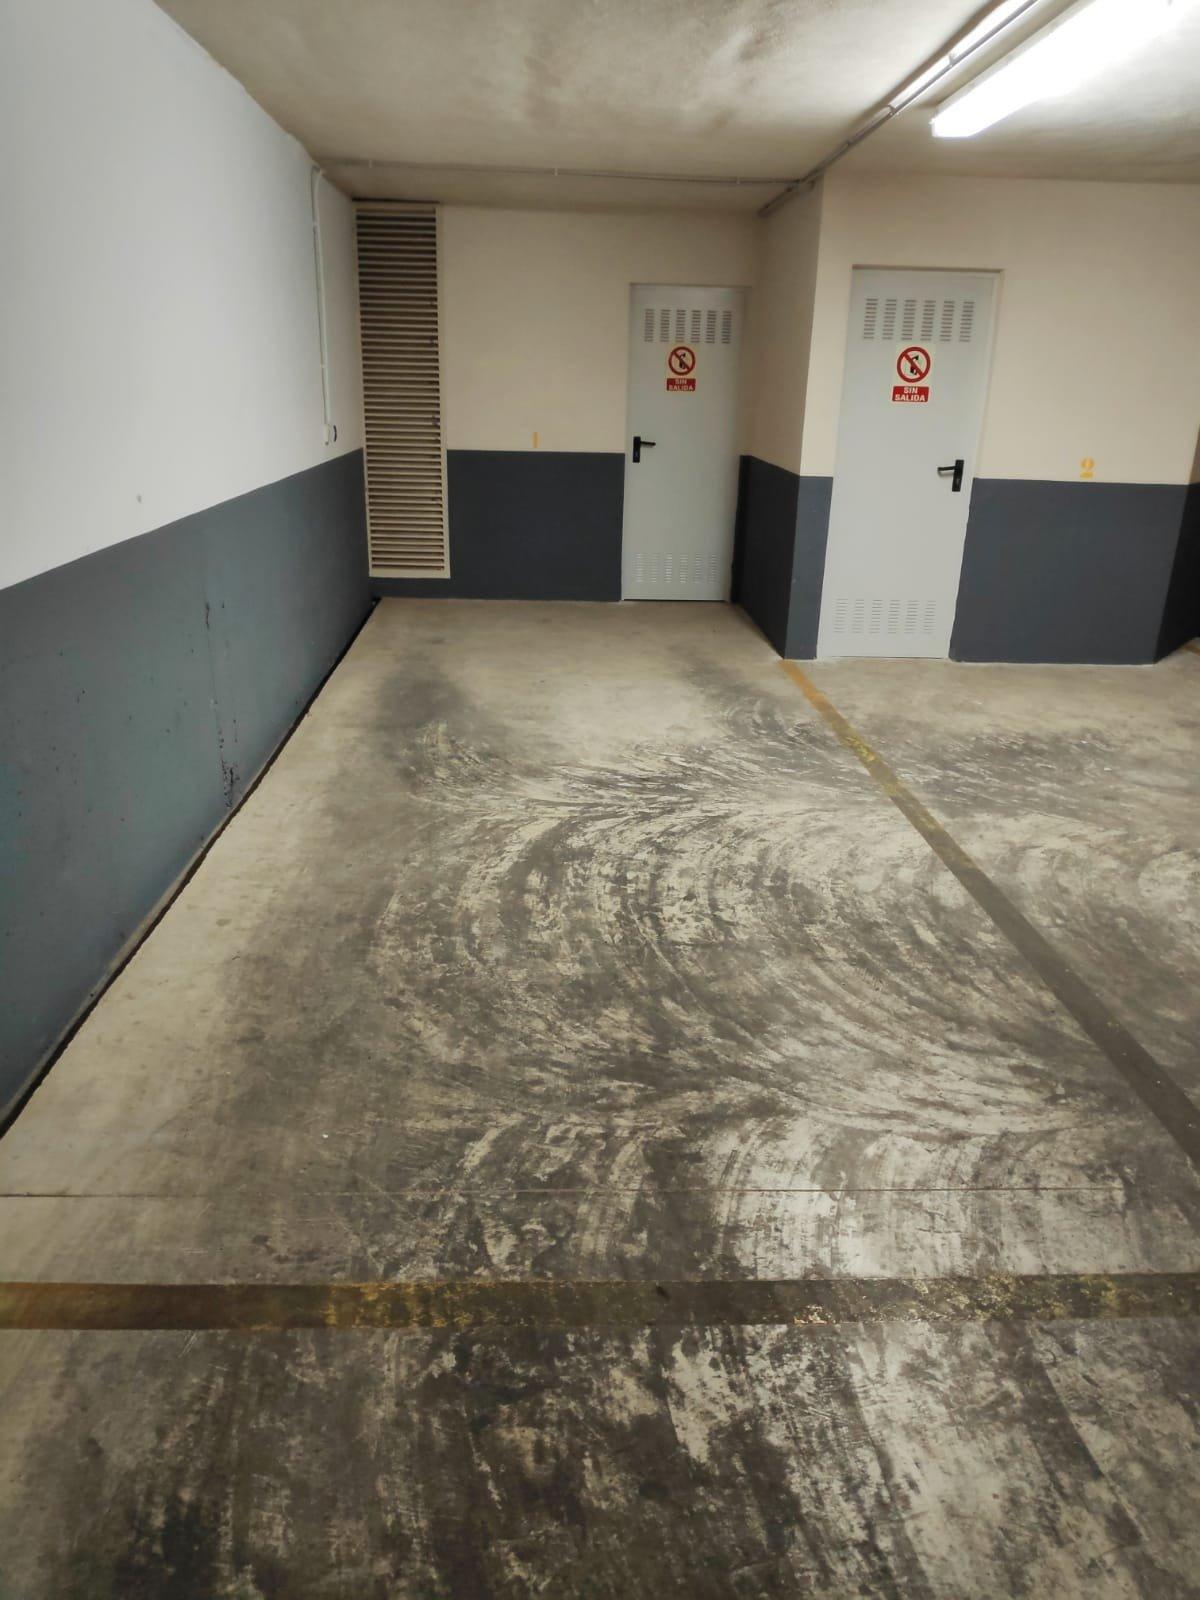 Magatzem  Manises ,hospital. Plaza de garaje doble con capacidad para un coche y una moto   t